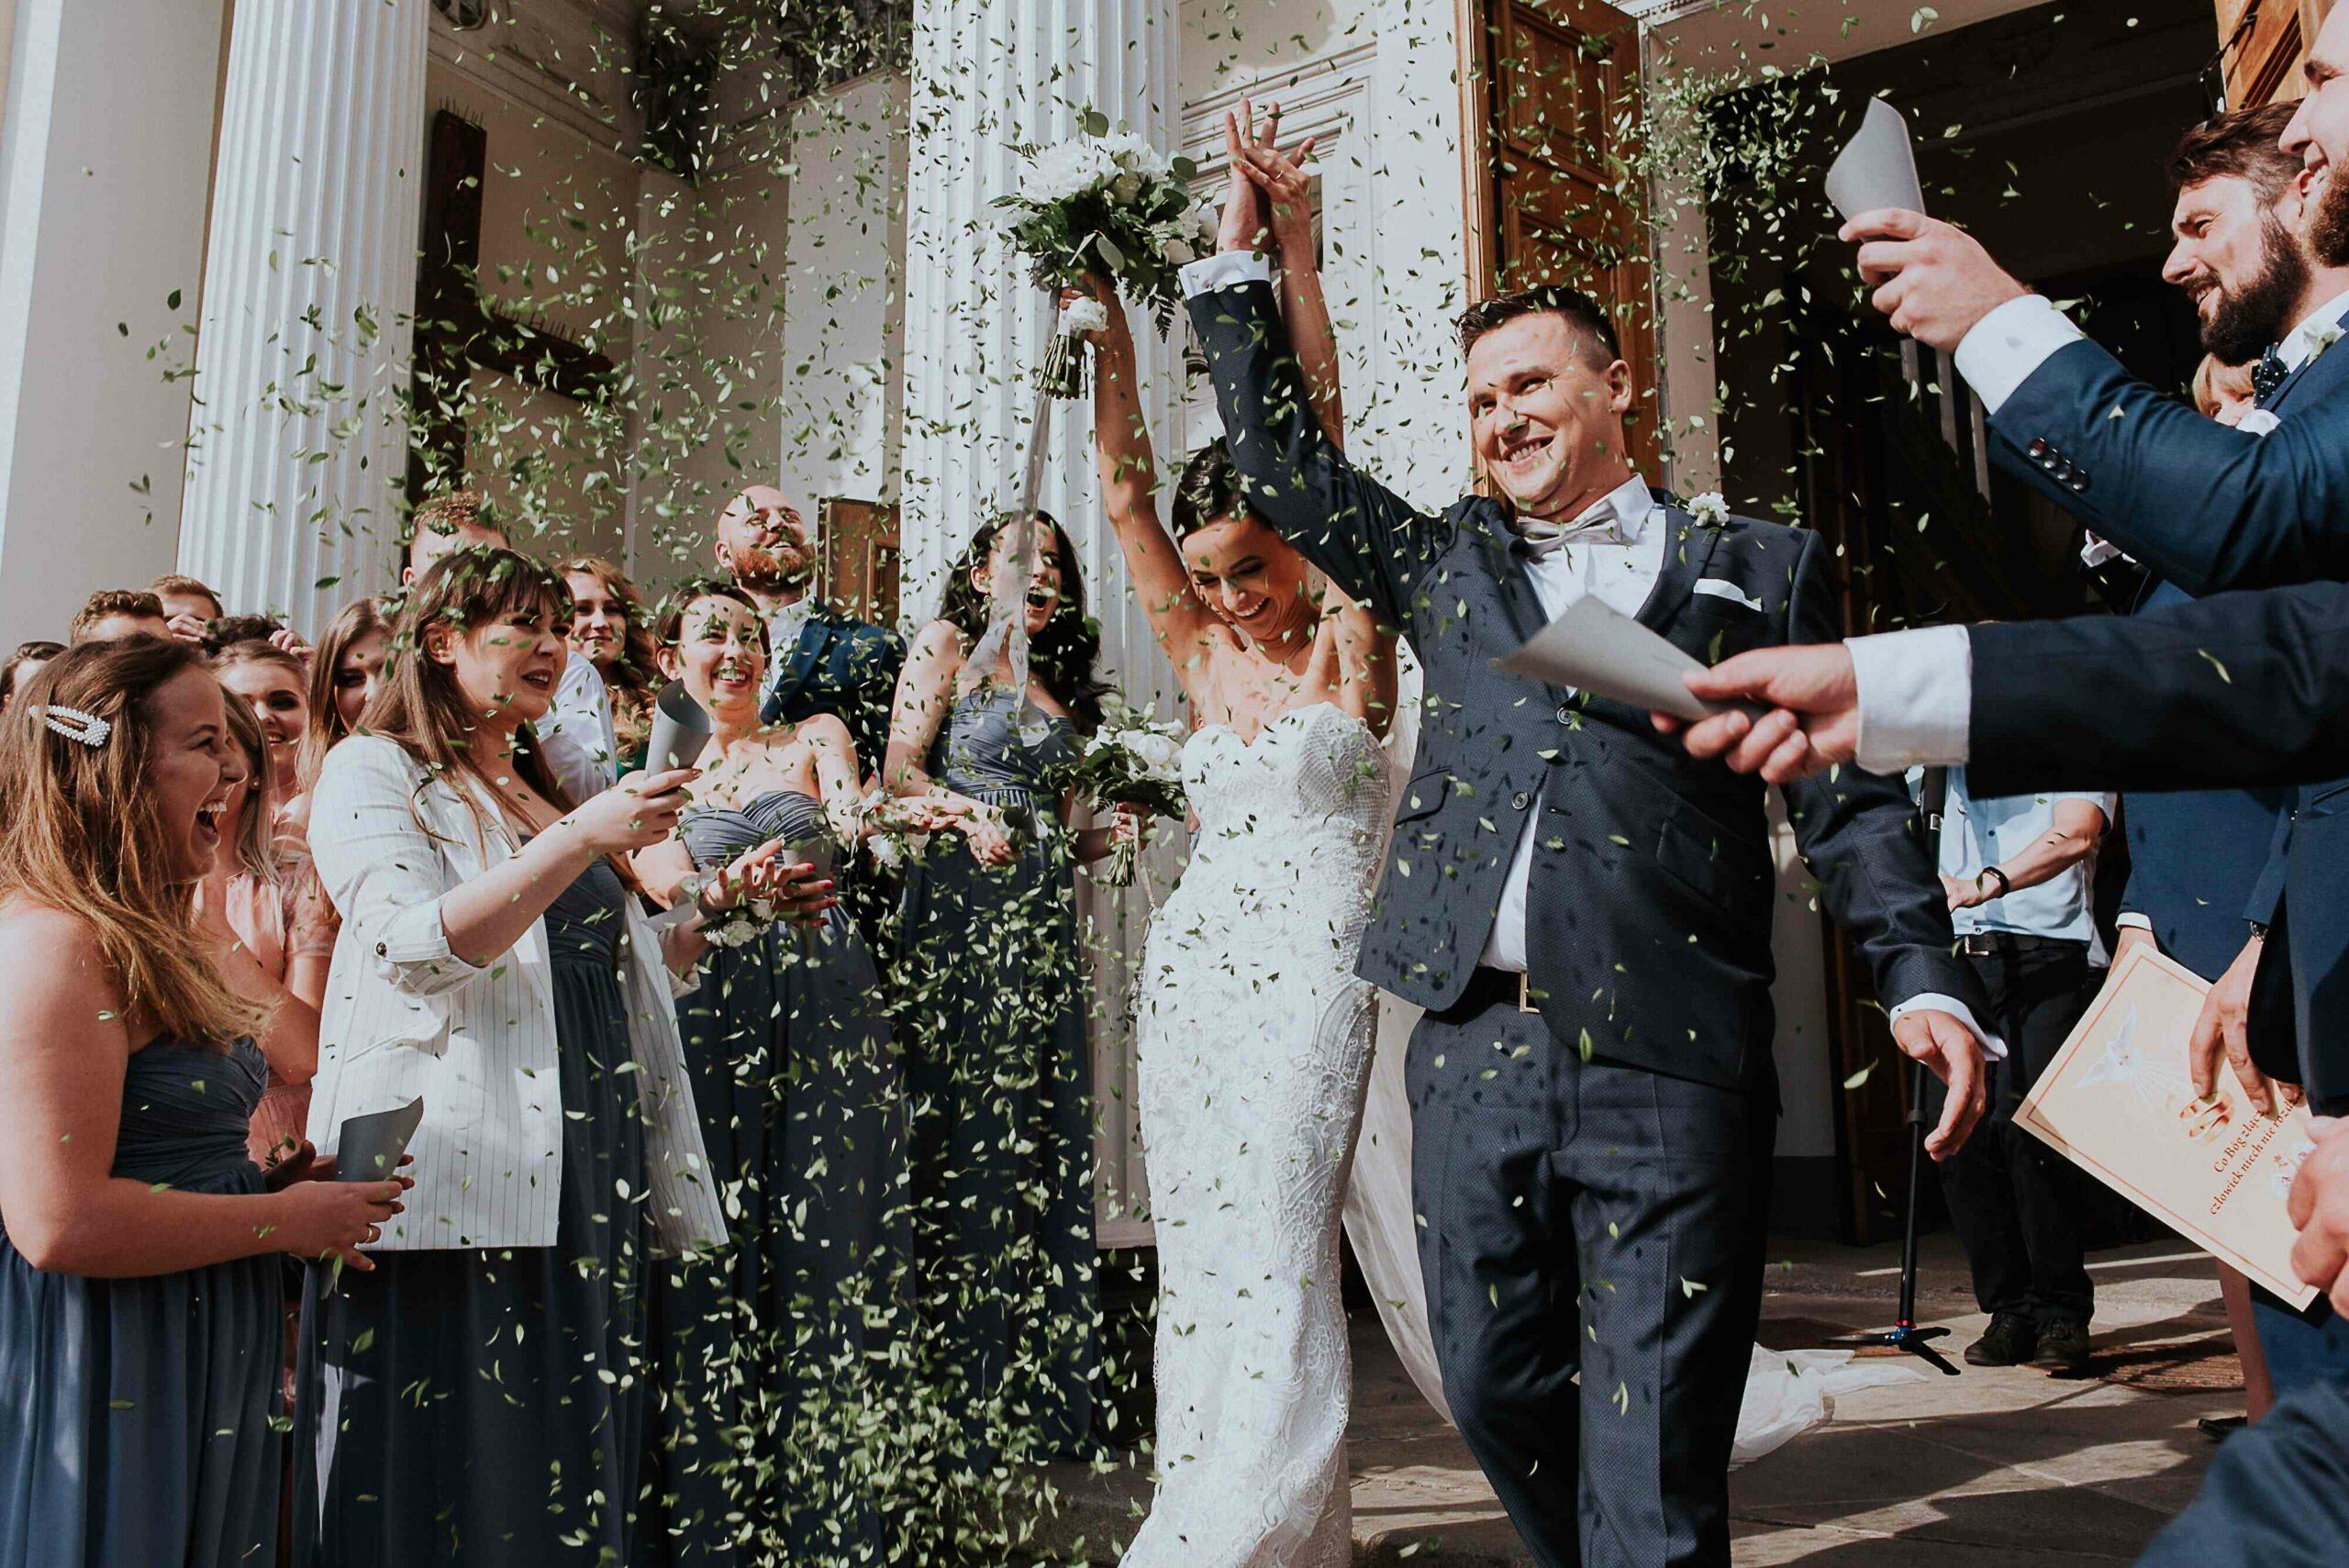 organizacja ślubu i weselaportfolio tak inaczej koordynacja